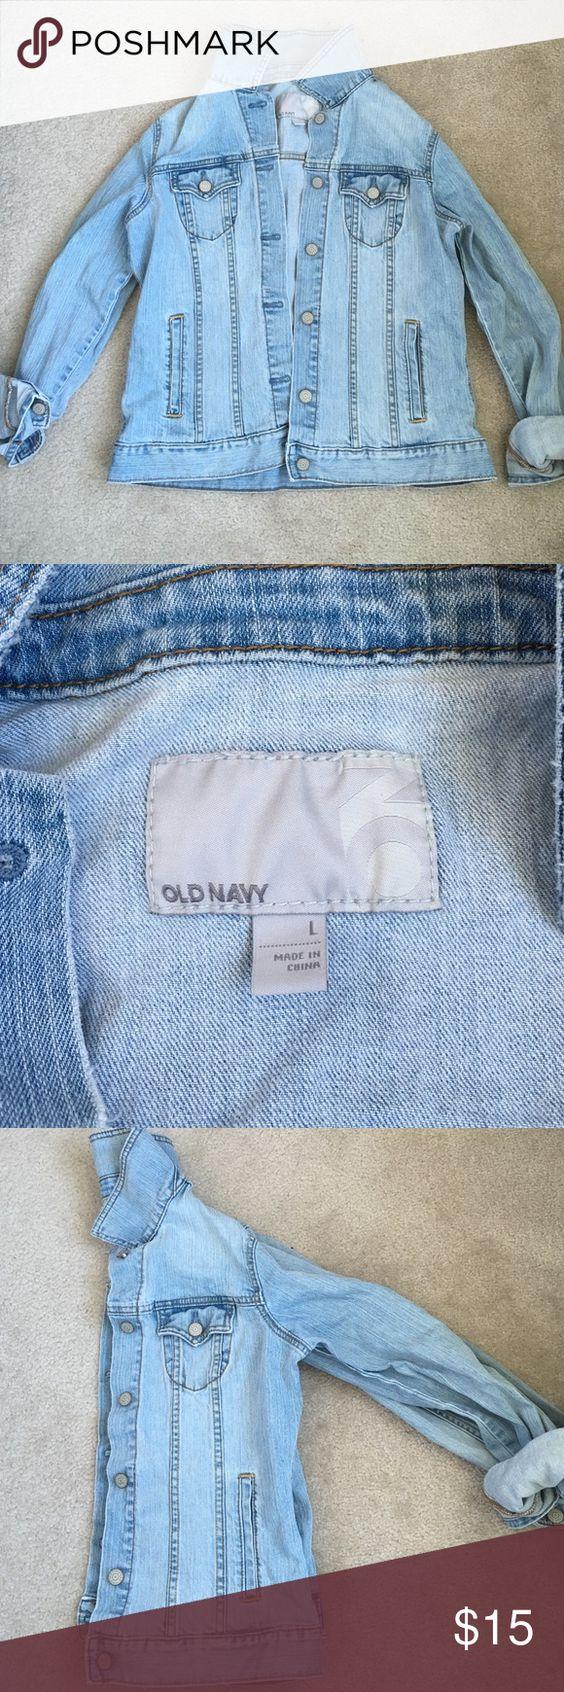 EUC Old Navy jean jacket size large EUC Old Navy light denim jean jacket size large. Very transitional from season to season! Old Navy Jackets & Coats Jean Jackets